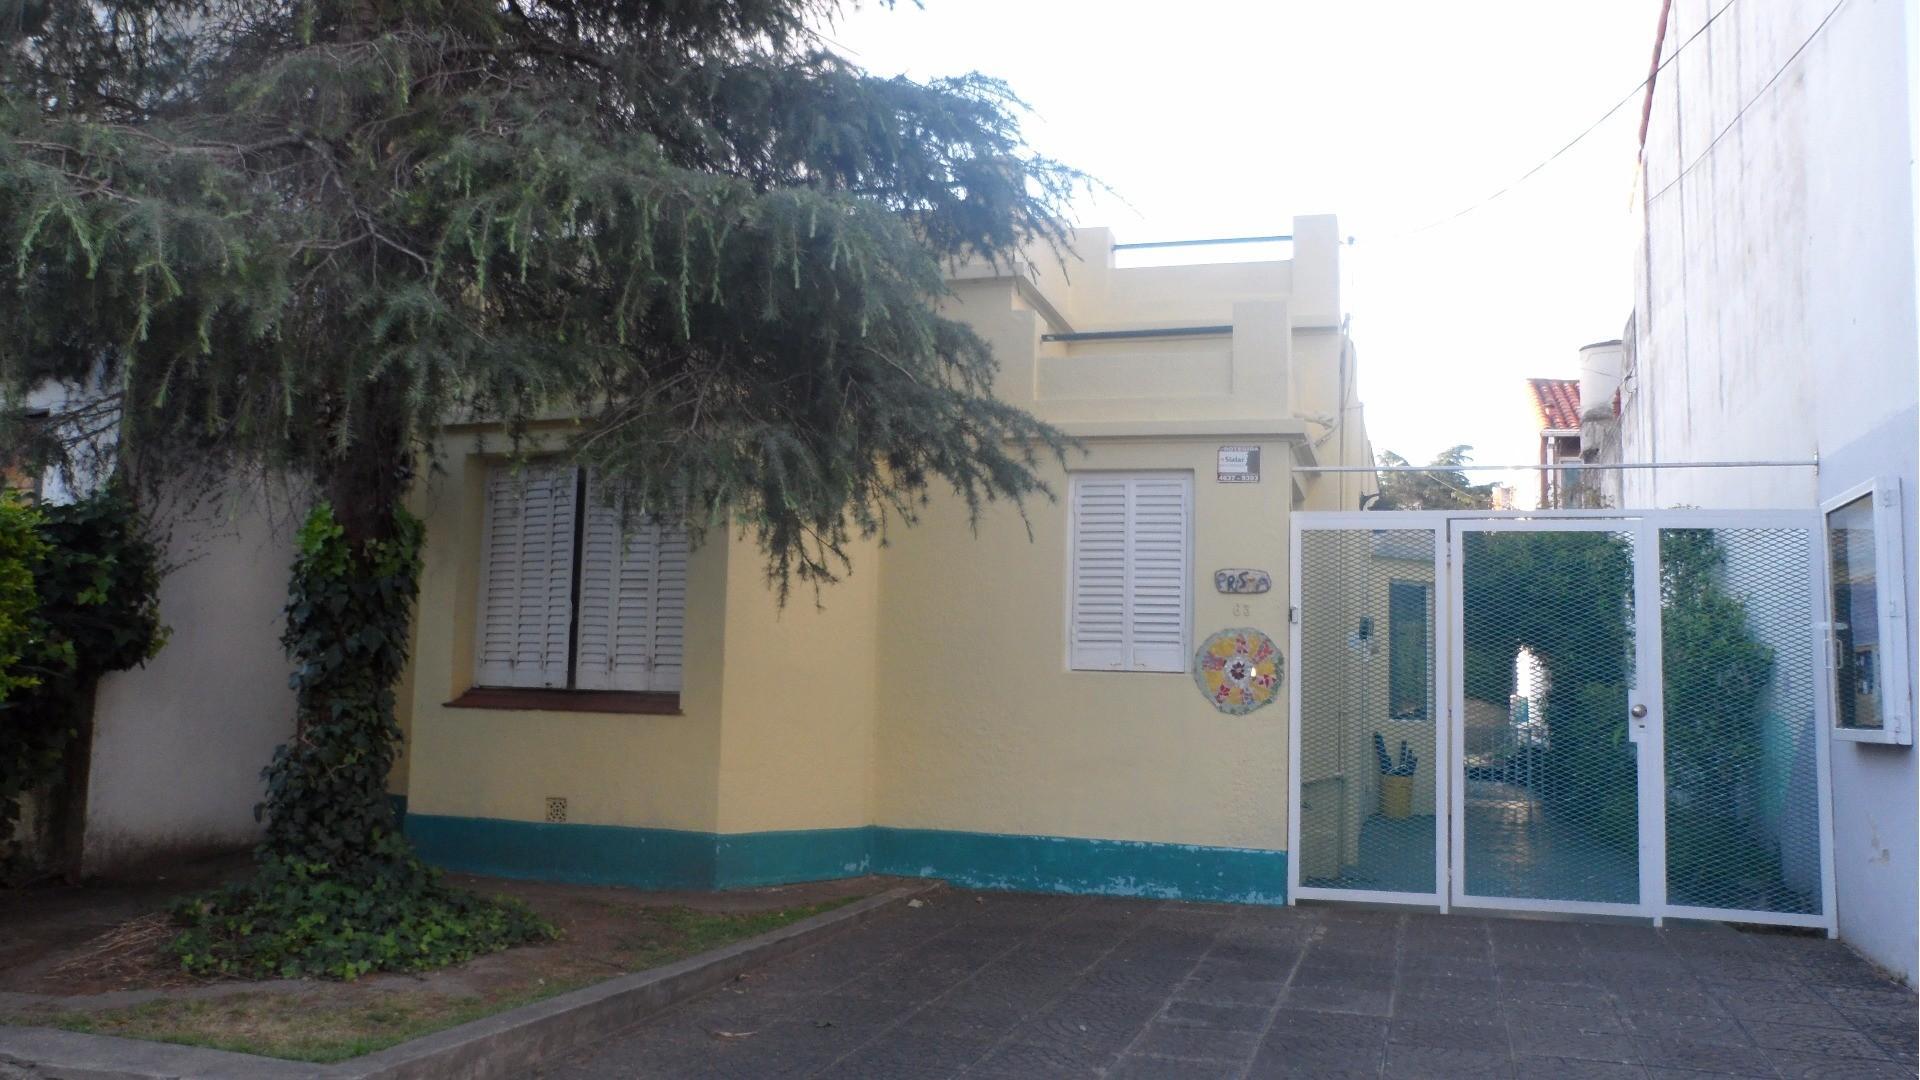 Local  1 Planta  Zona Residencial A Metros Av.Santa Fe. A/ Varios Rubros 300mts Excelente!!!